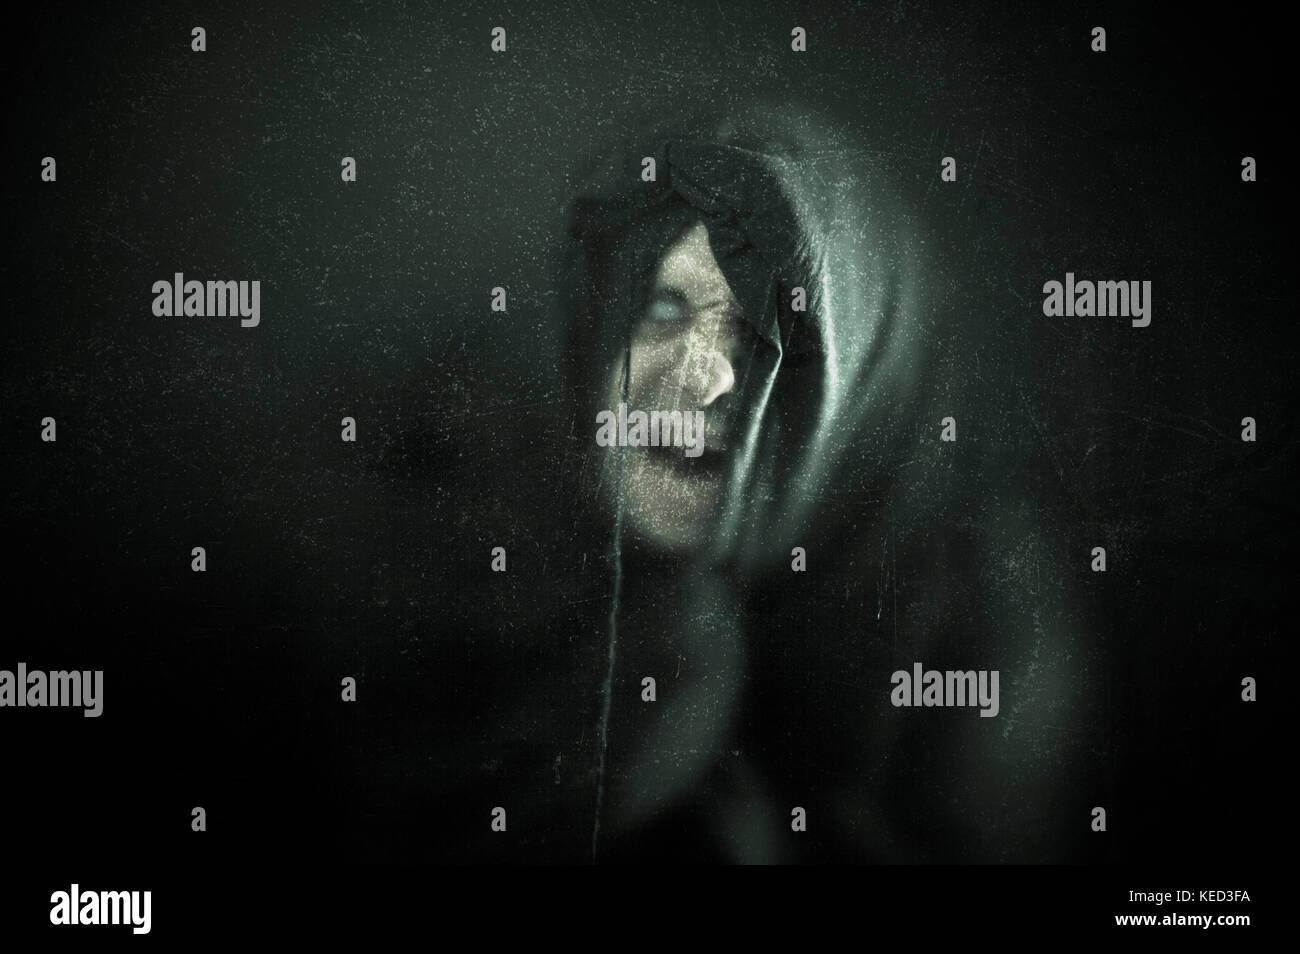 Arrabbiato ghost figura nel buio Immagini Stock